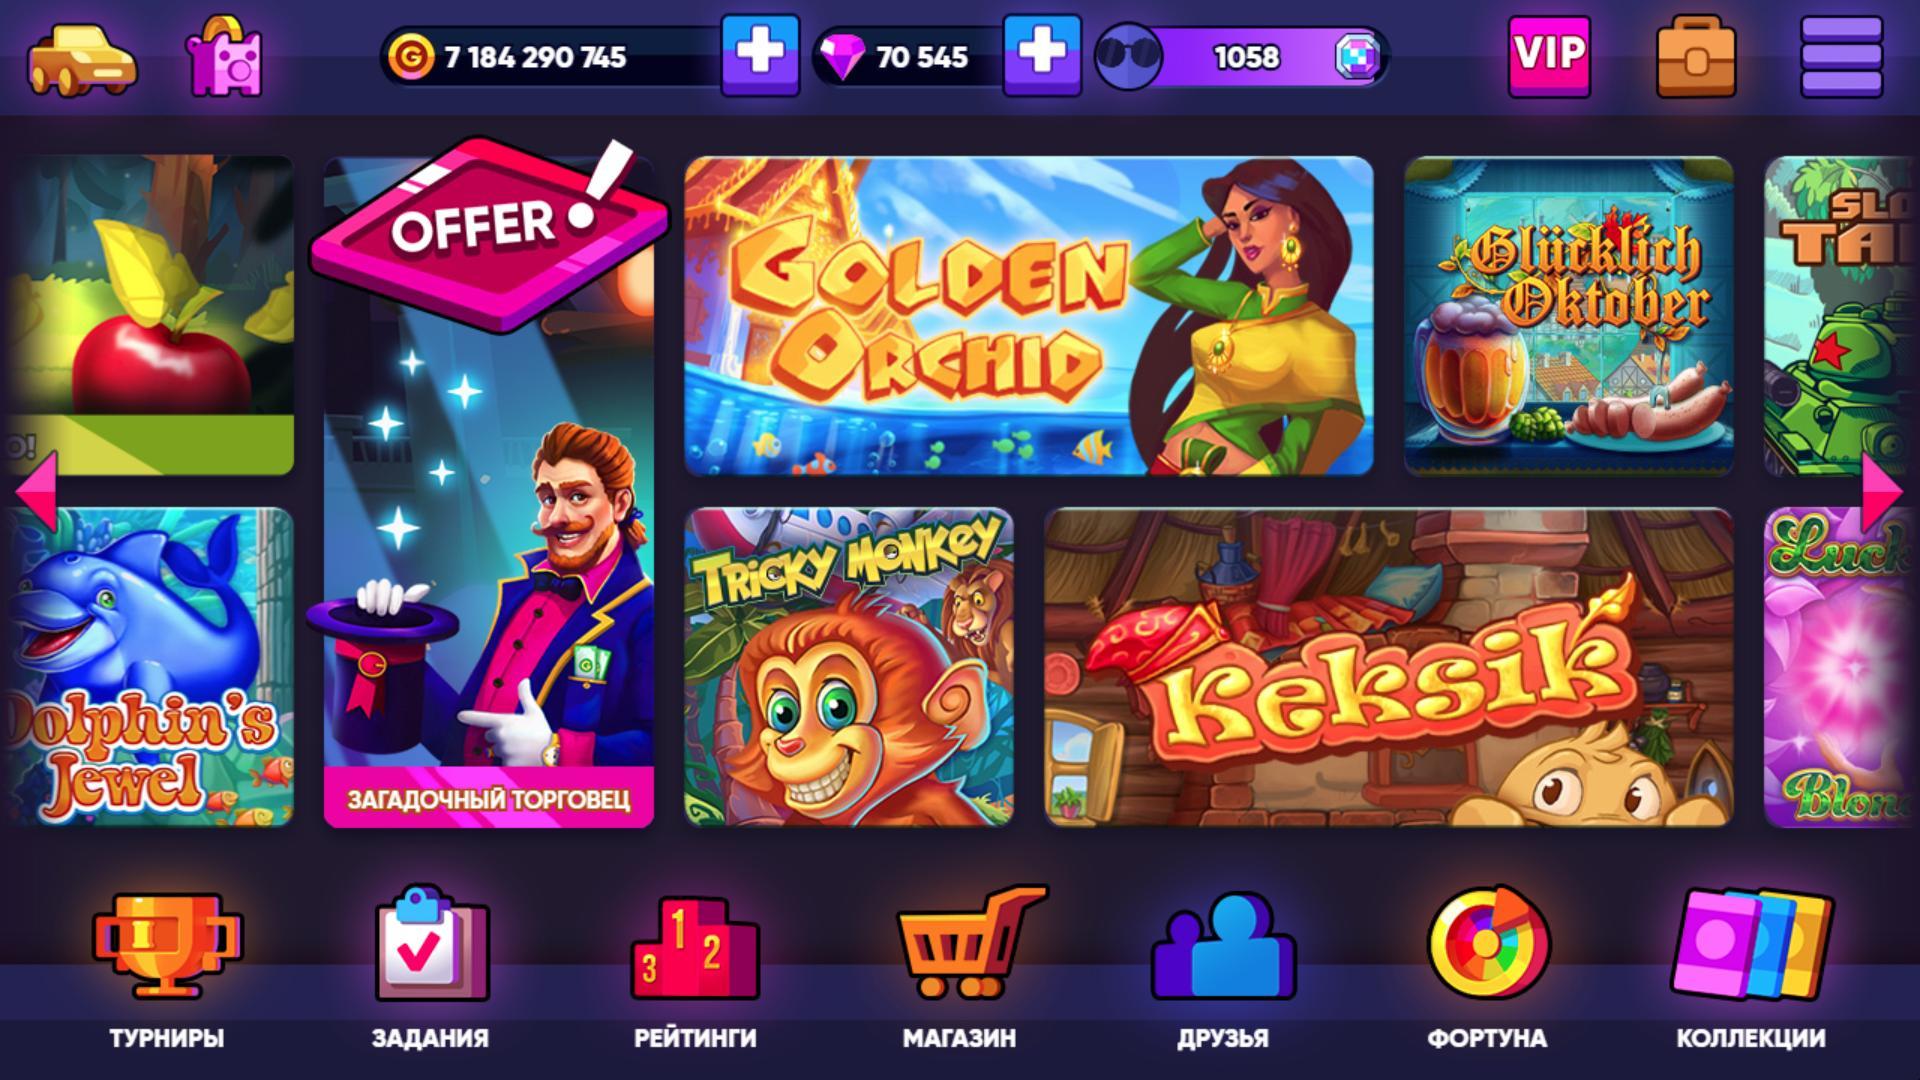 Игровые автоматы бесплатно скачать на андроид полковник захарченко играл в казино